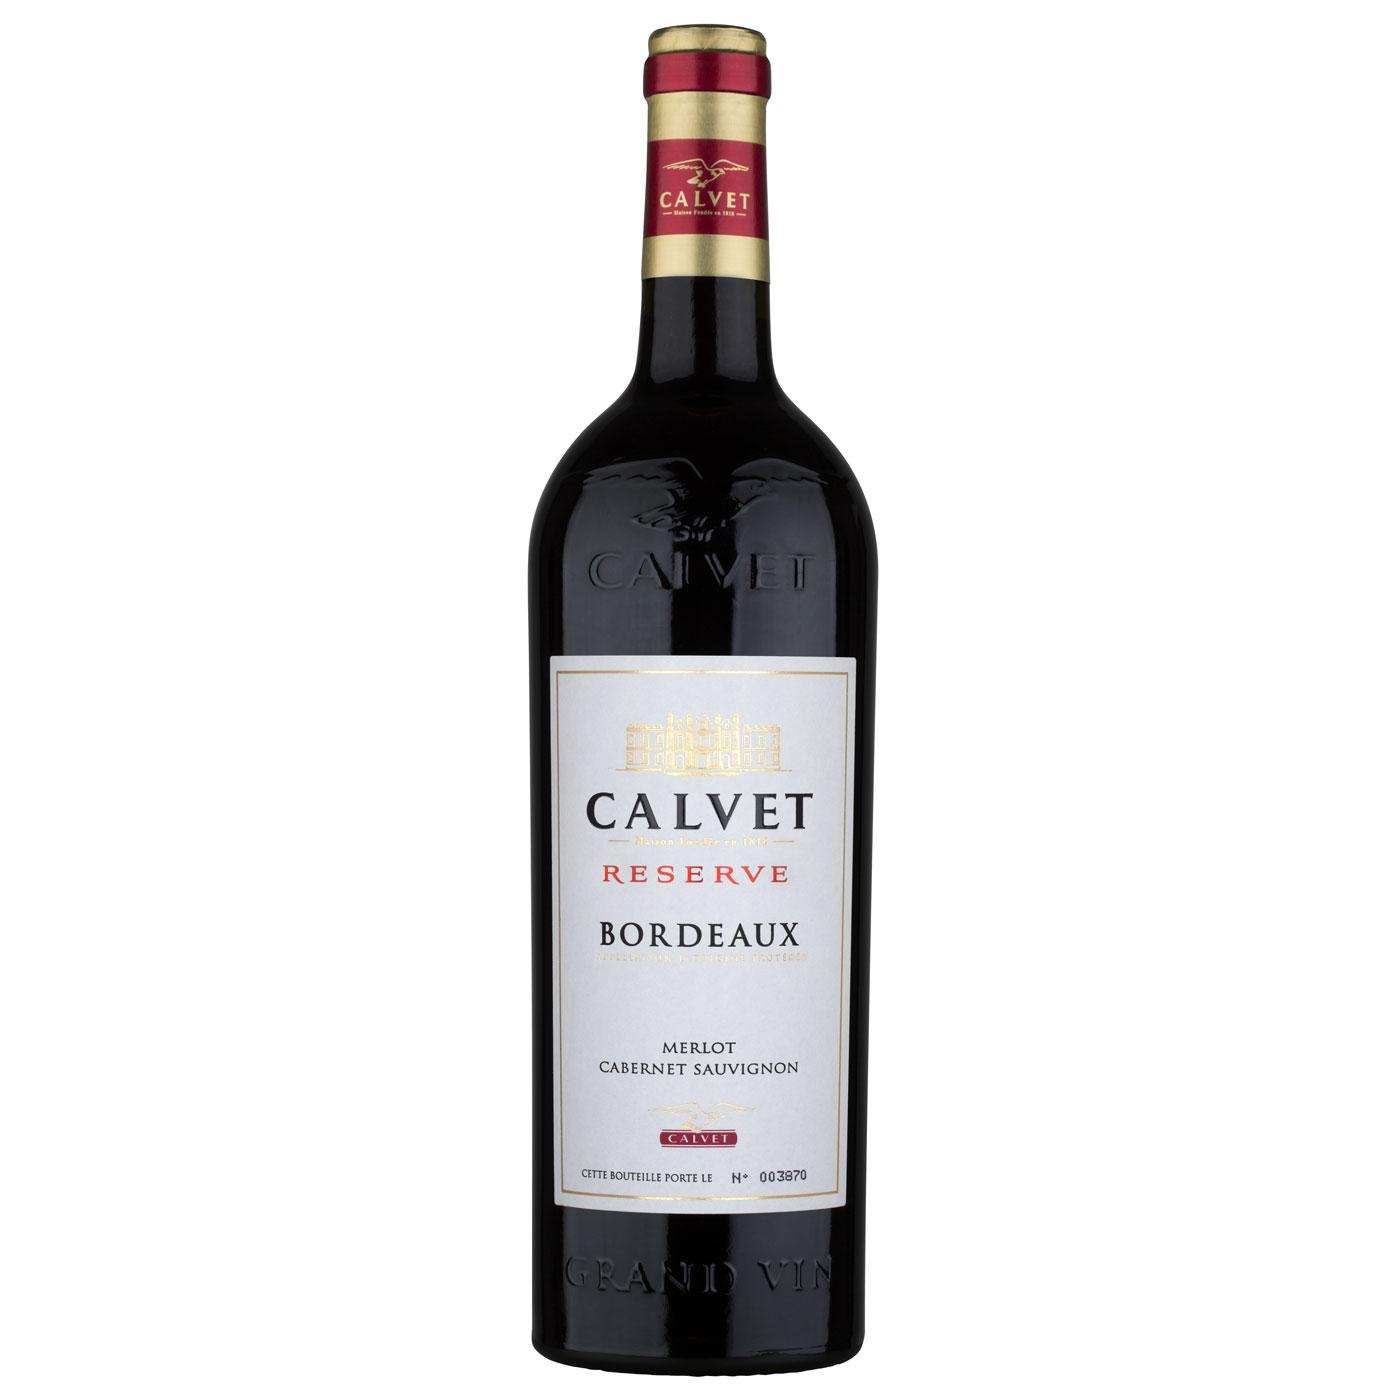 Calvet Reserve, Merlot Cabernet Sauvignon, Bordeaux,2016